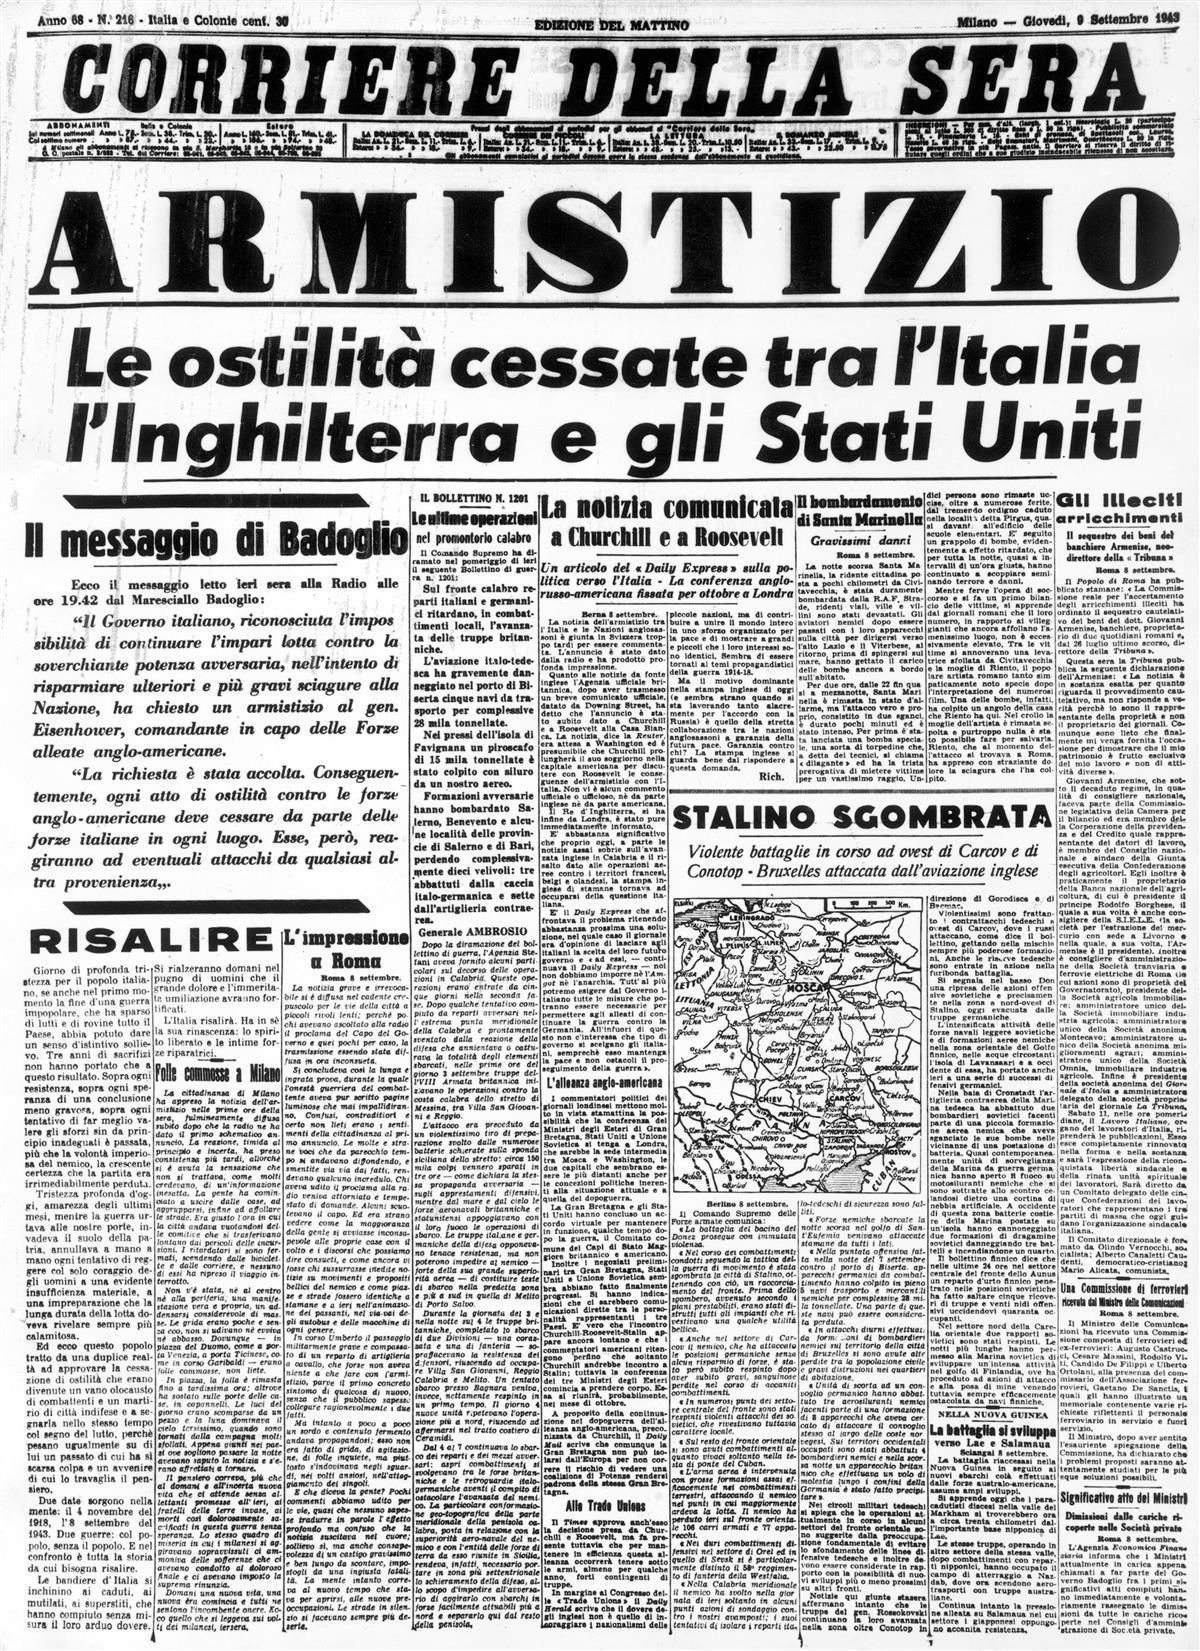 8 settembre 1943 corriere prima (Custom)